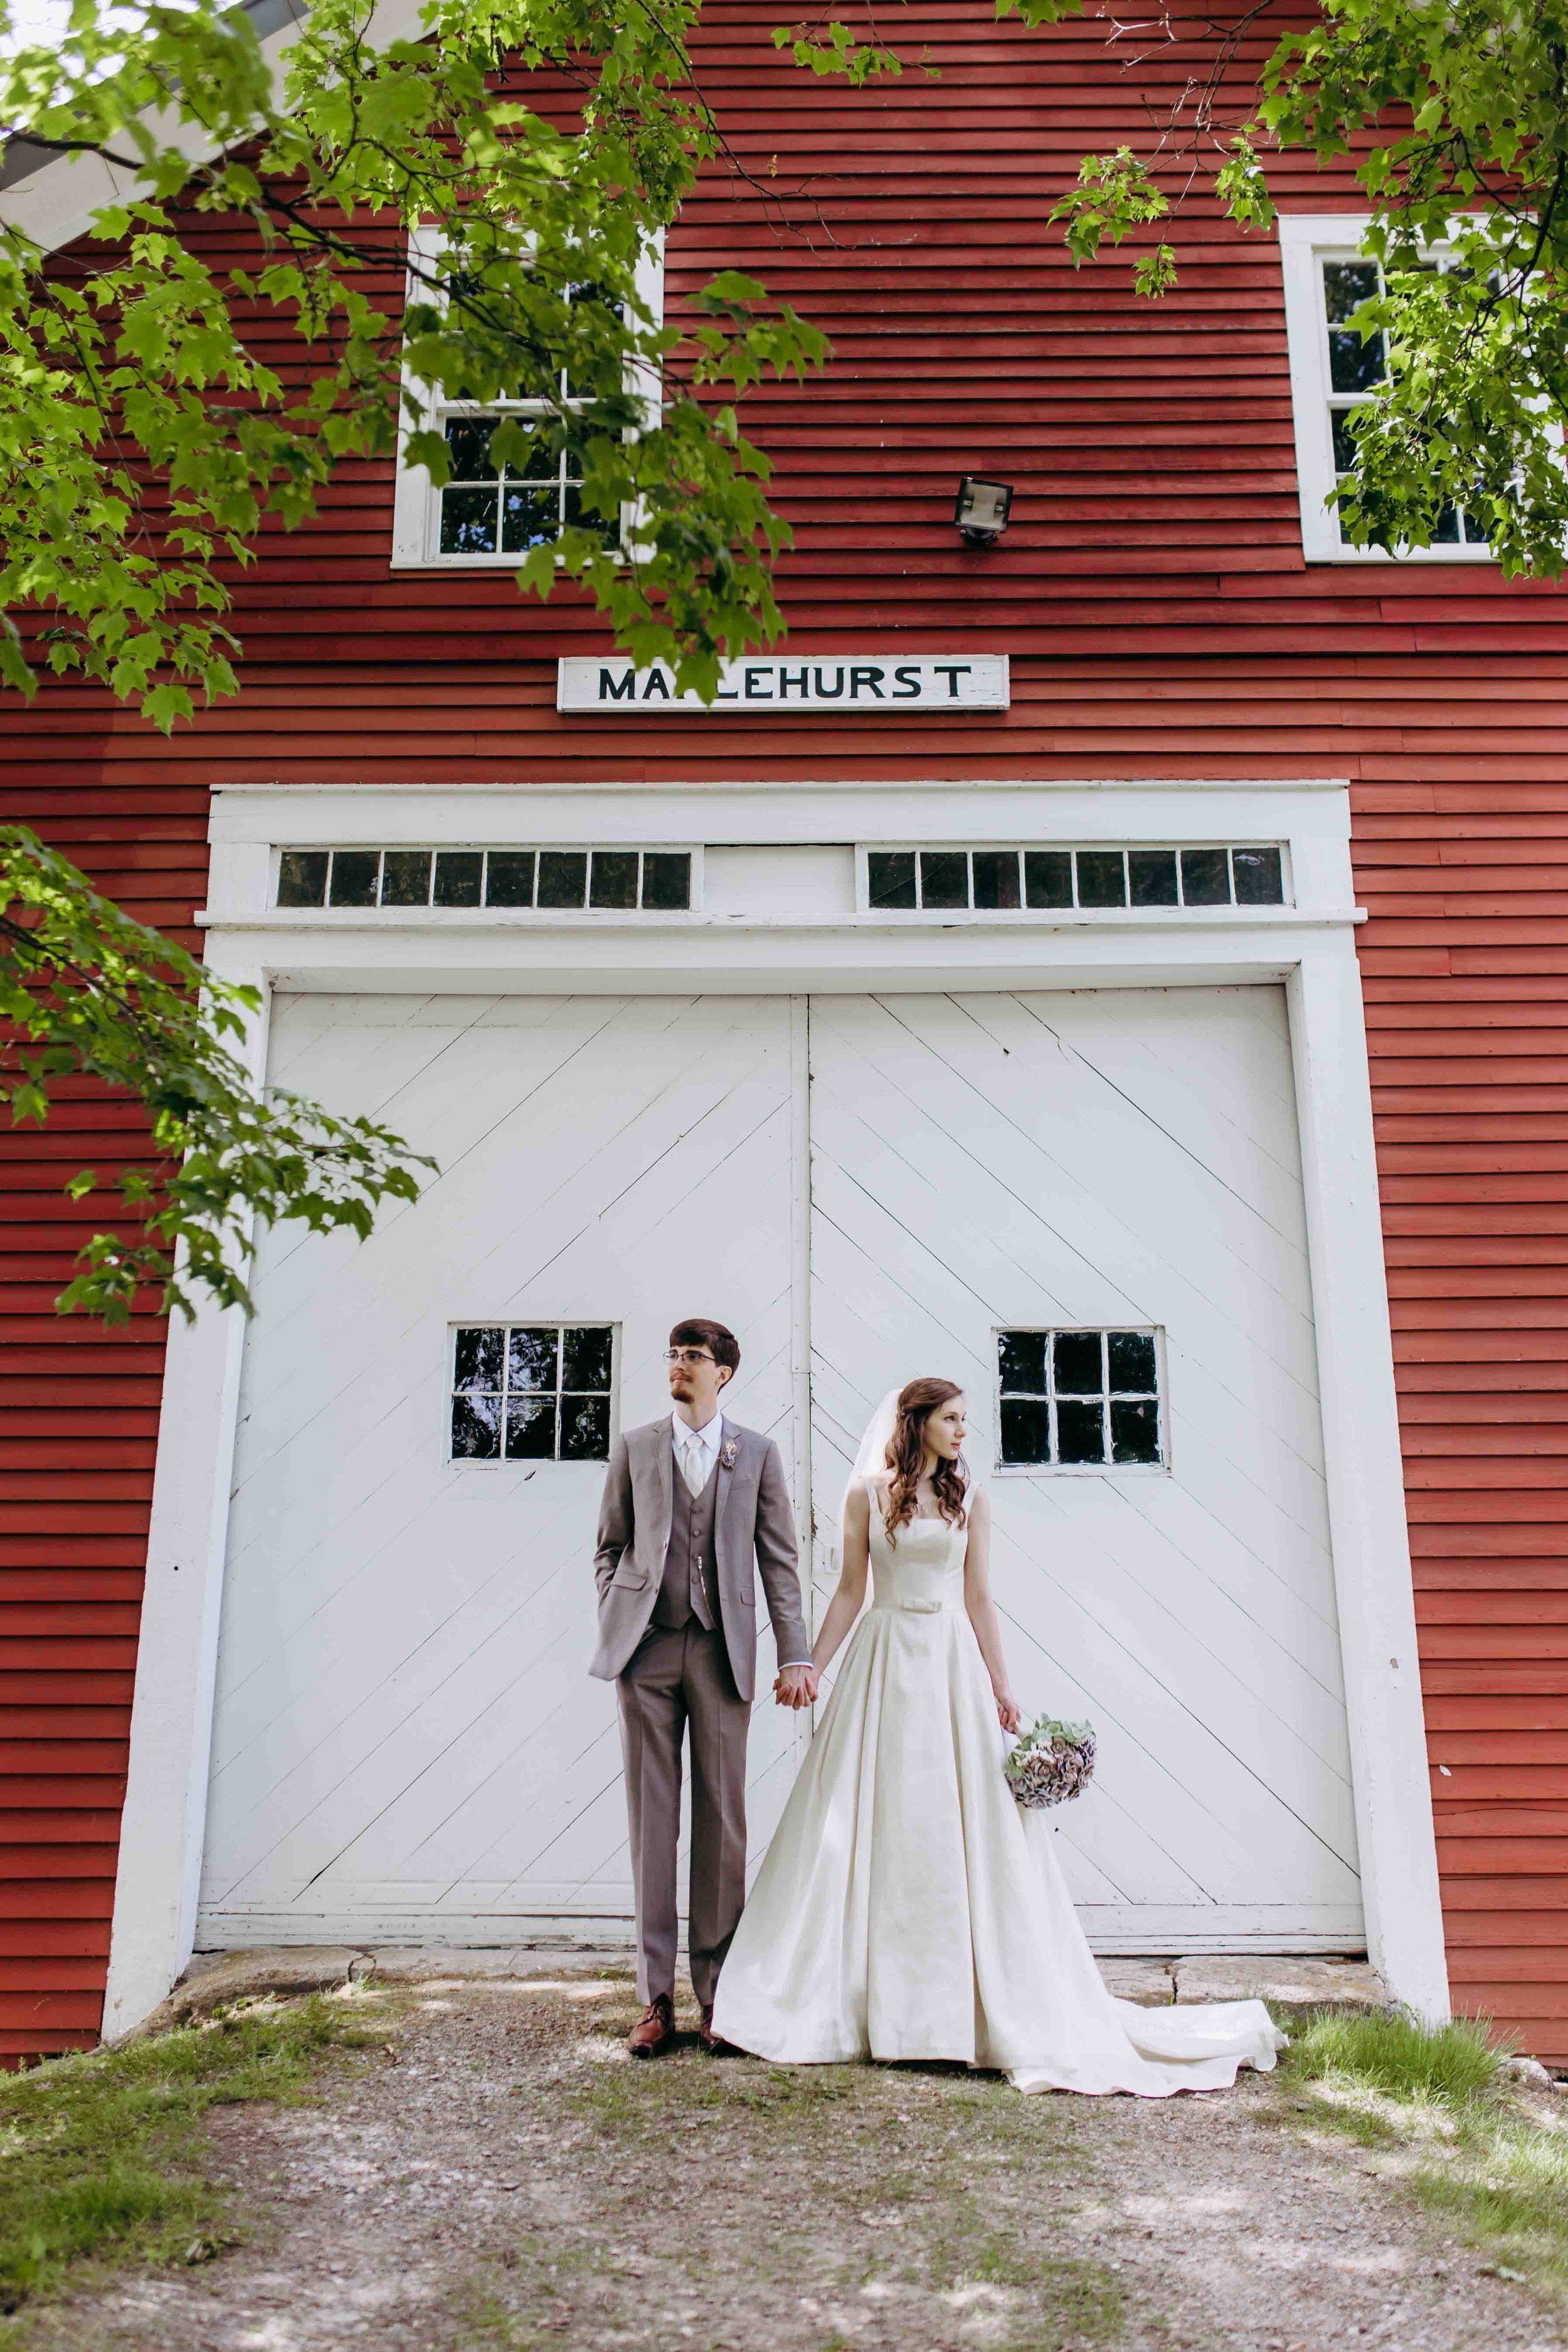 NH Wedding Photographer, NH Wedding Photography at Maplehurst Barn in Hollis, NH